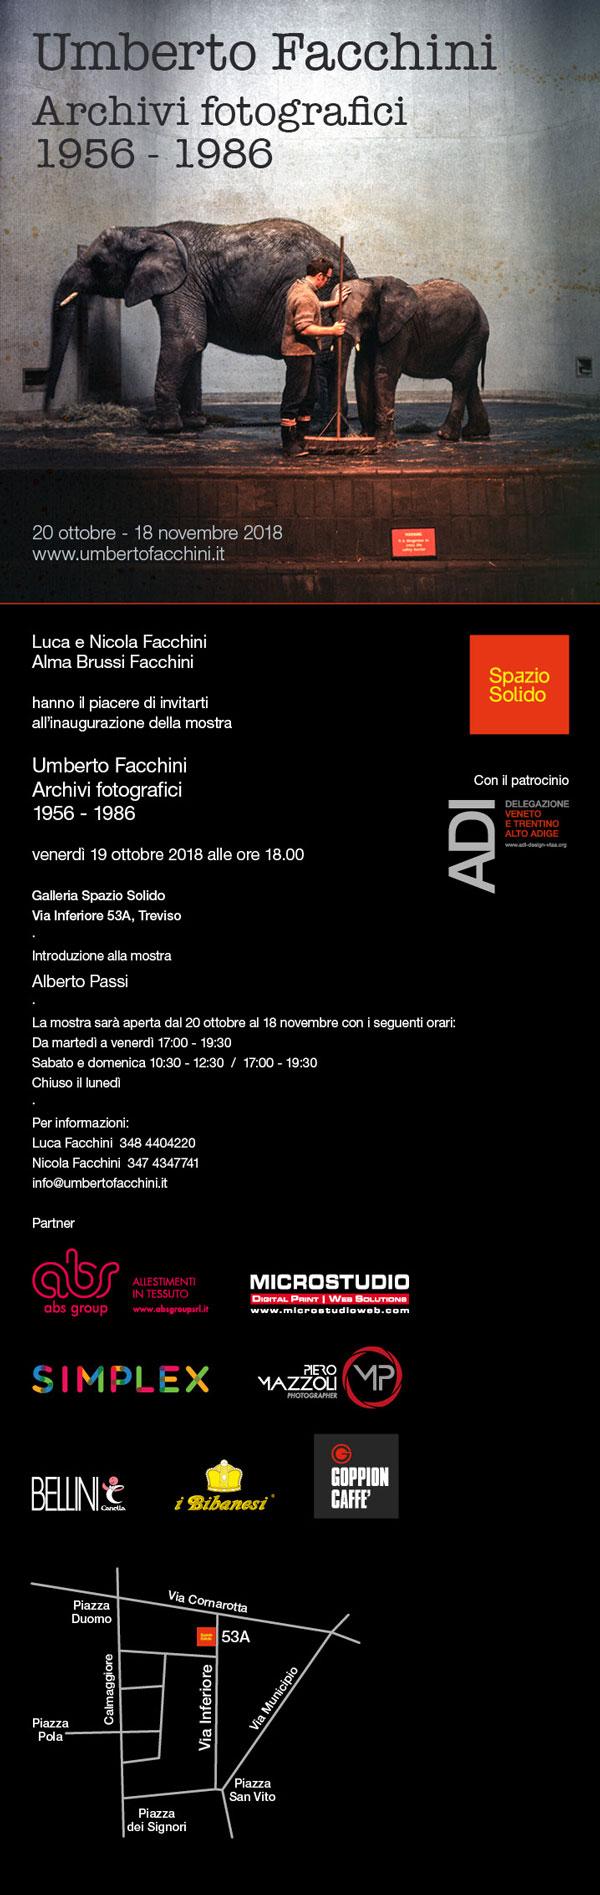 Umberto-Facchini-Archivi-Fotografici-invito